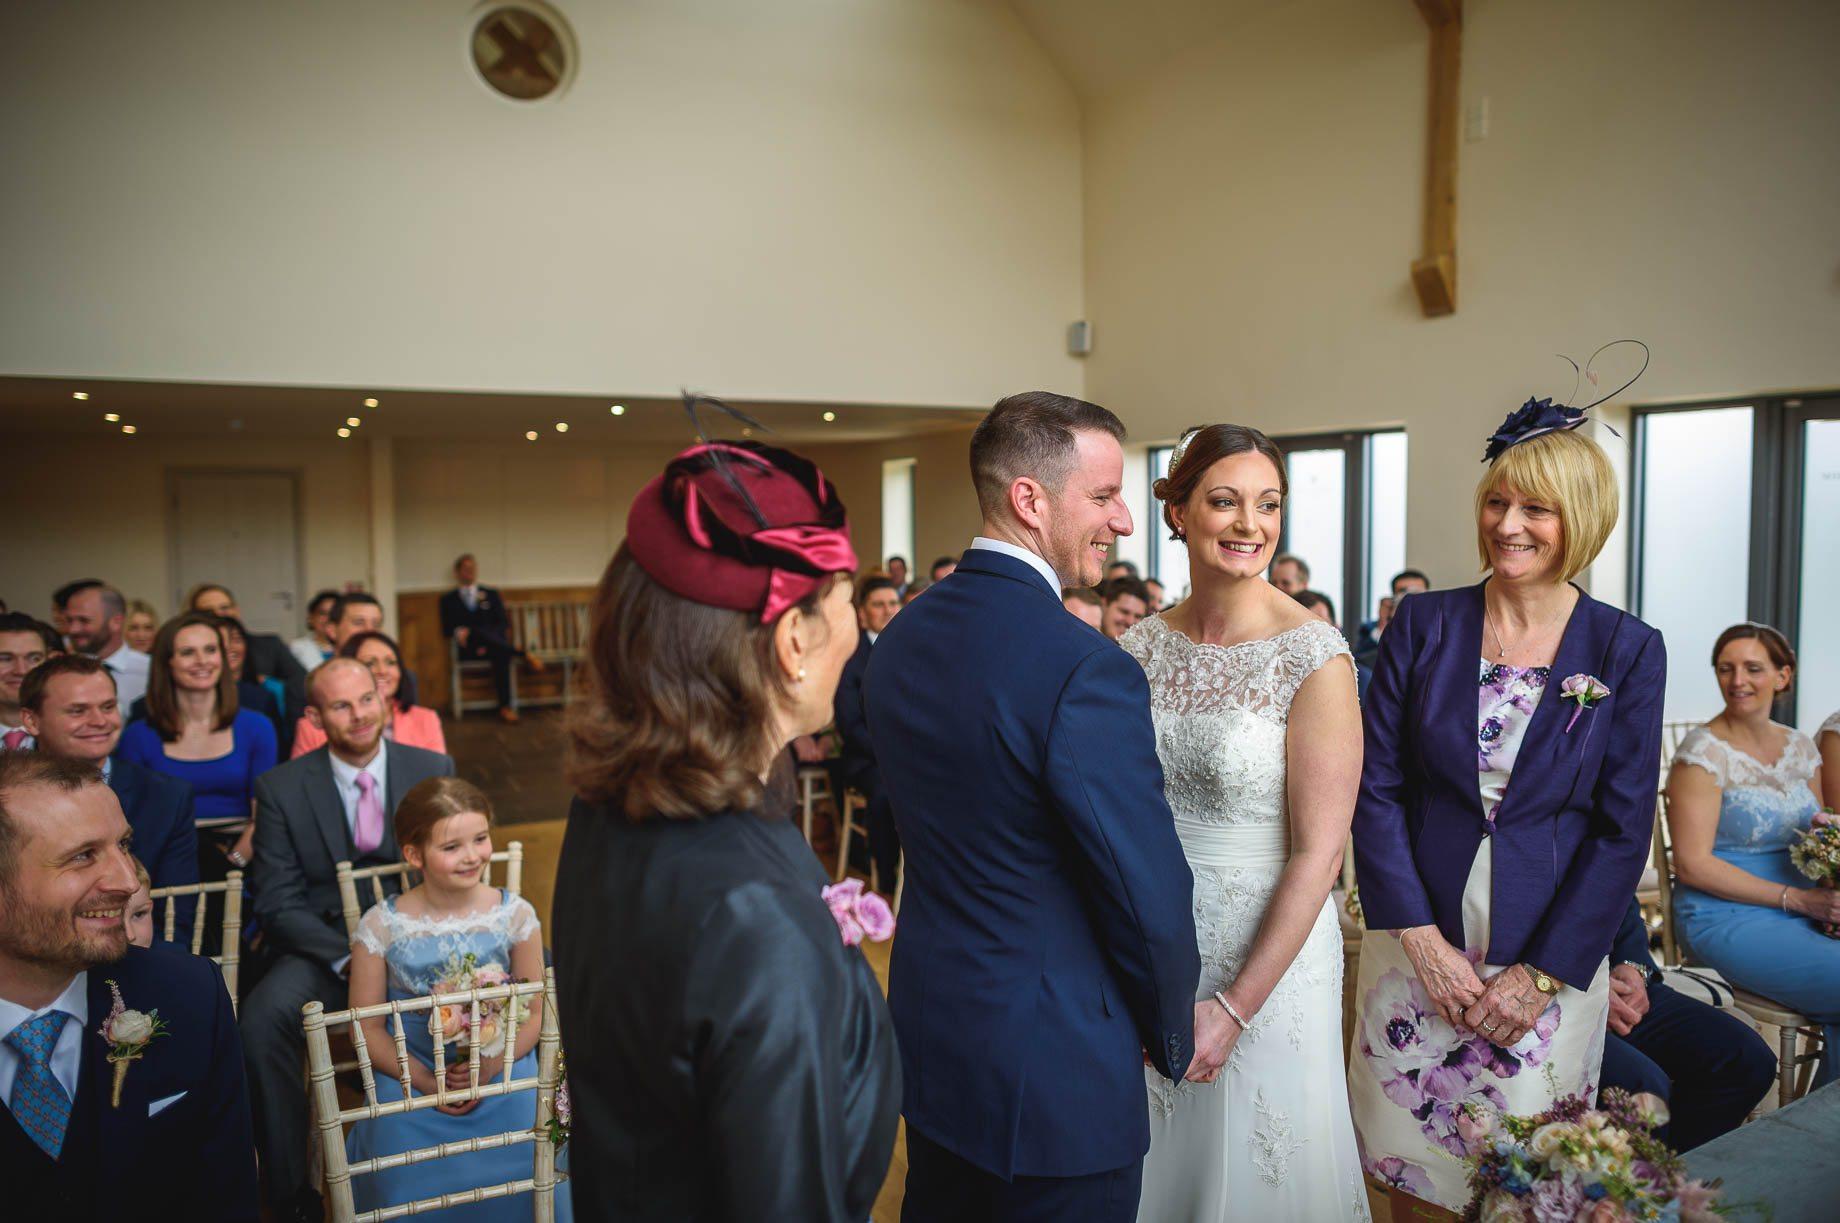 Millbridge Court Wedding Photography - Lisa and Daniel (61 of 173)